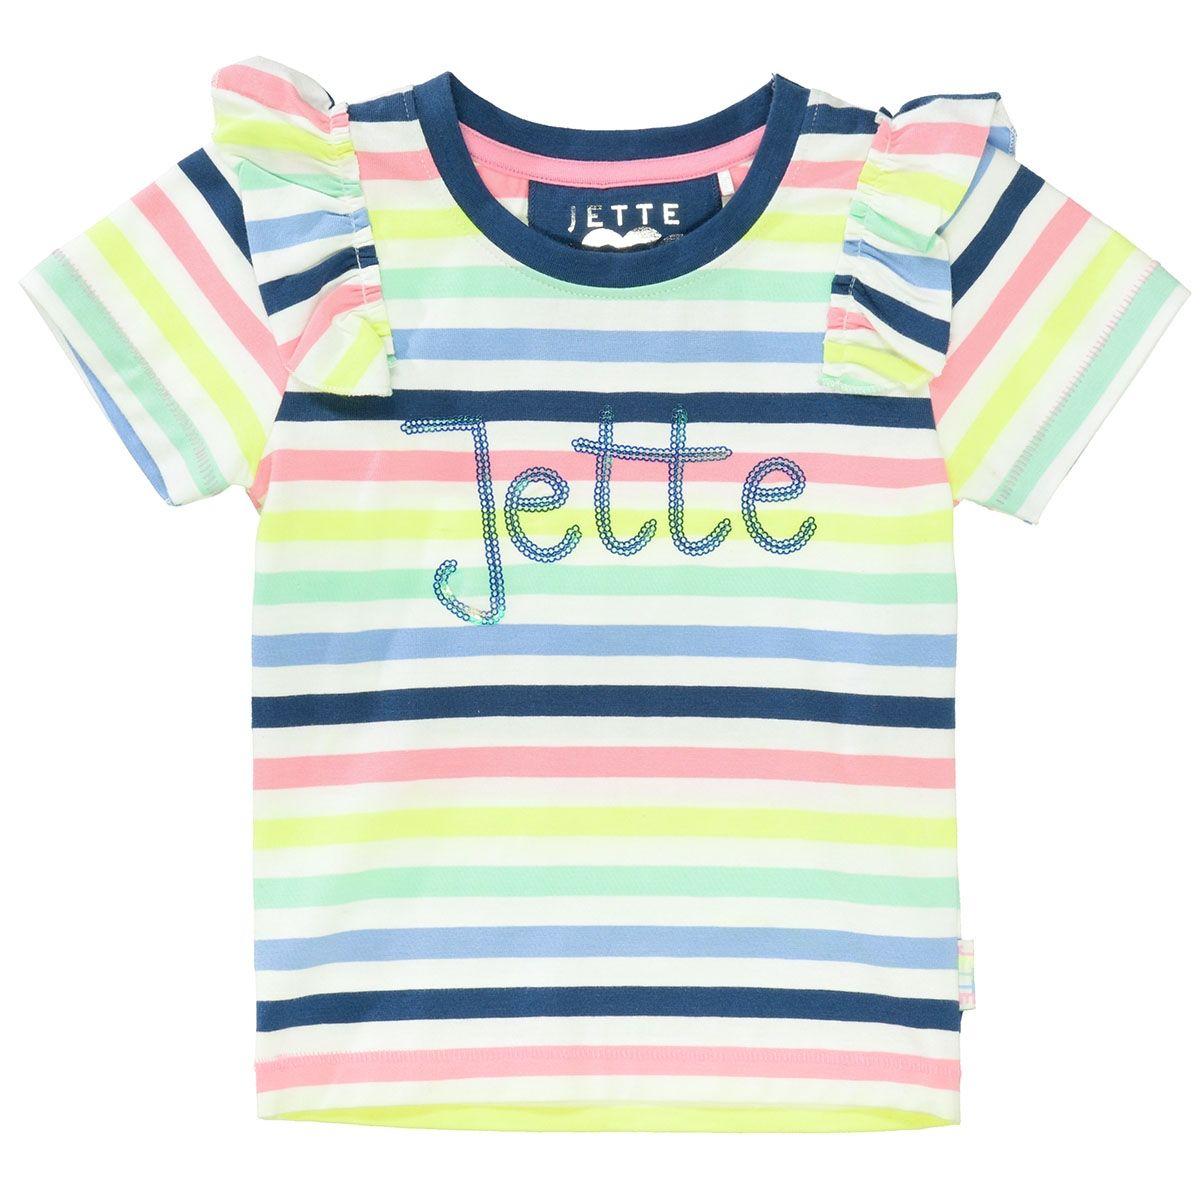 JETTE T-Shirt mit Volant - Offwhite Multistreifen